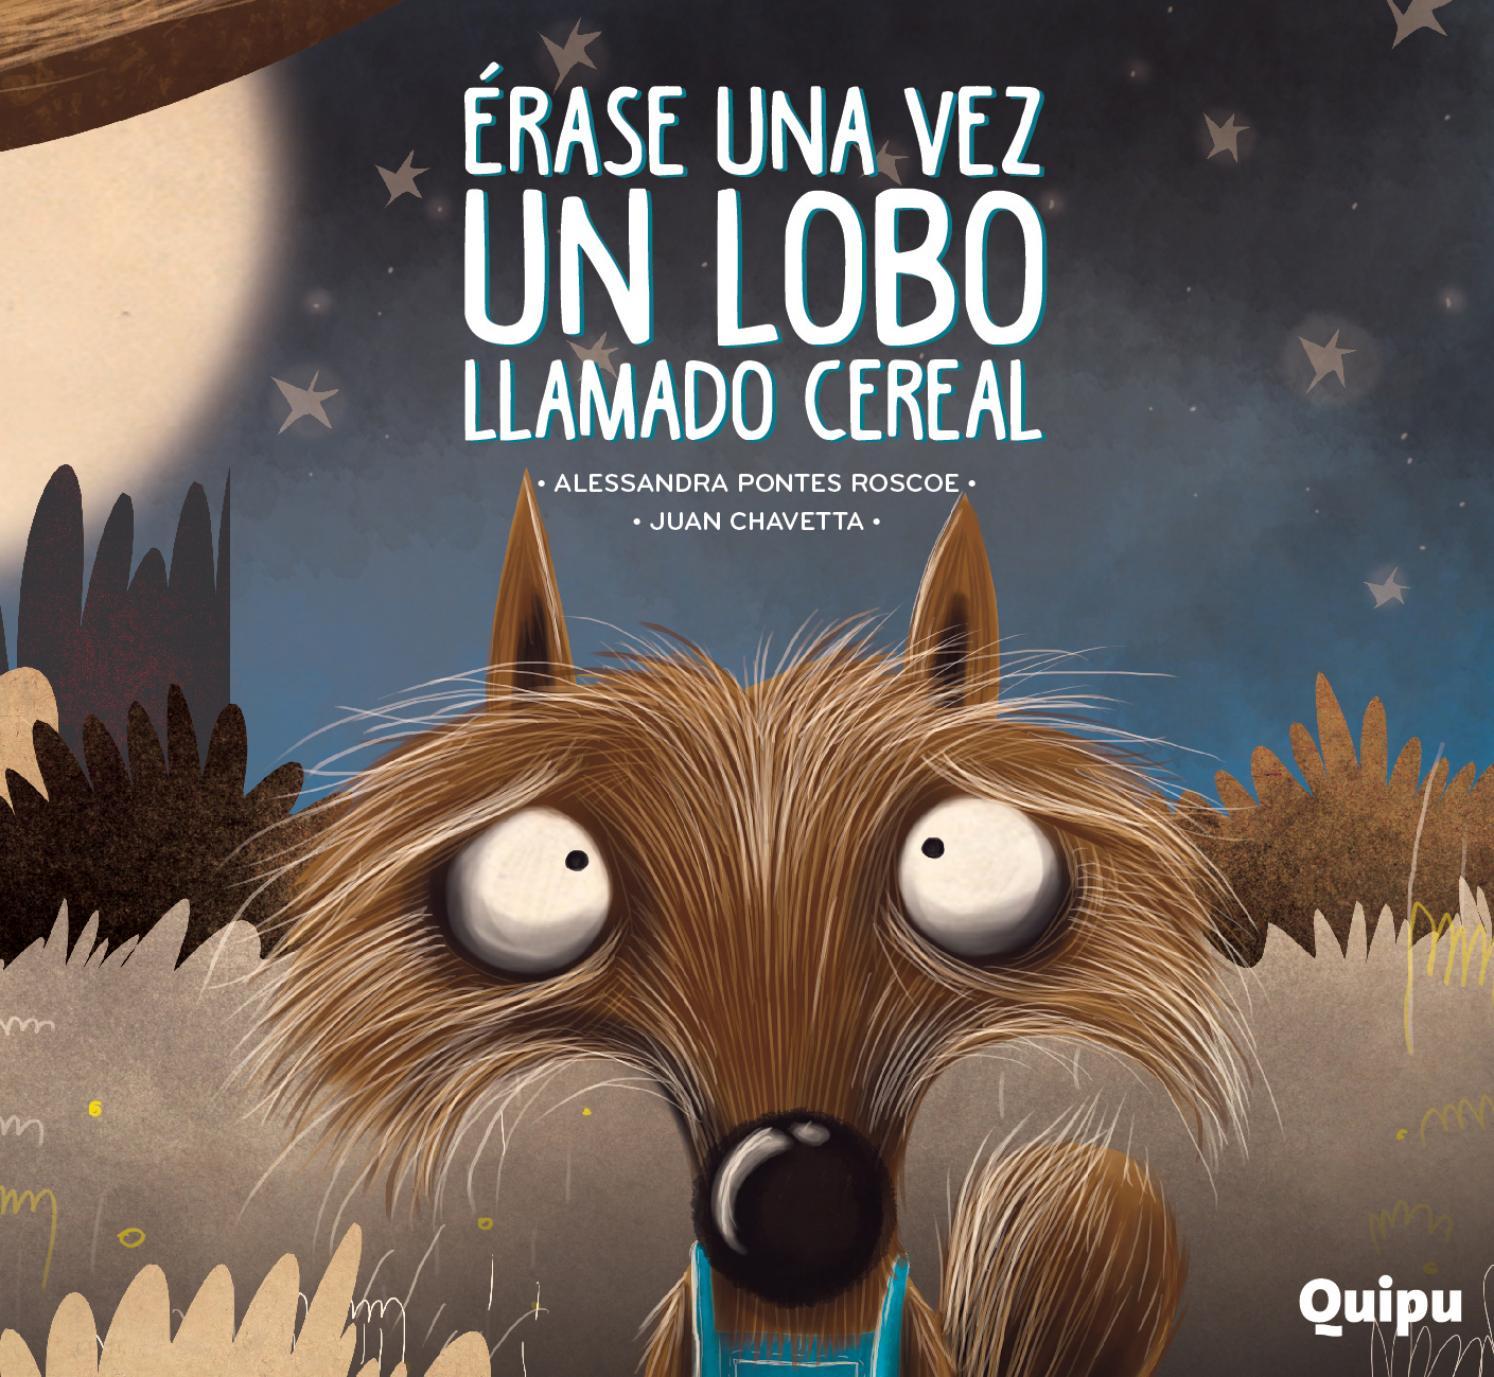 Érase una vez un lobo llamado Cereal by Editorial Quipu - issuu